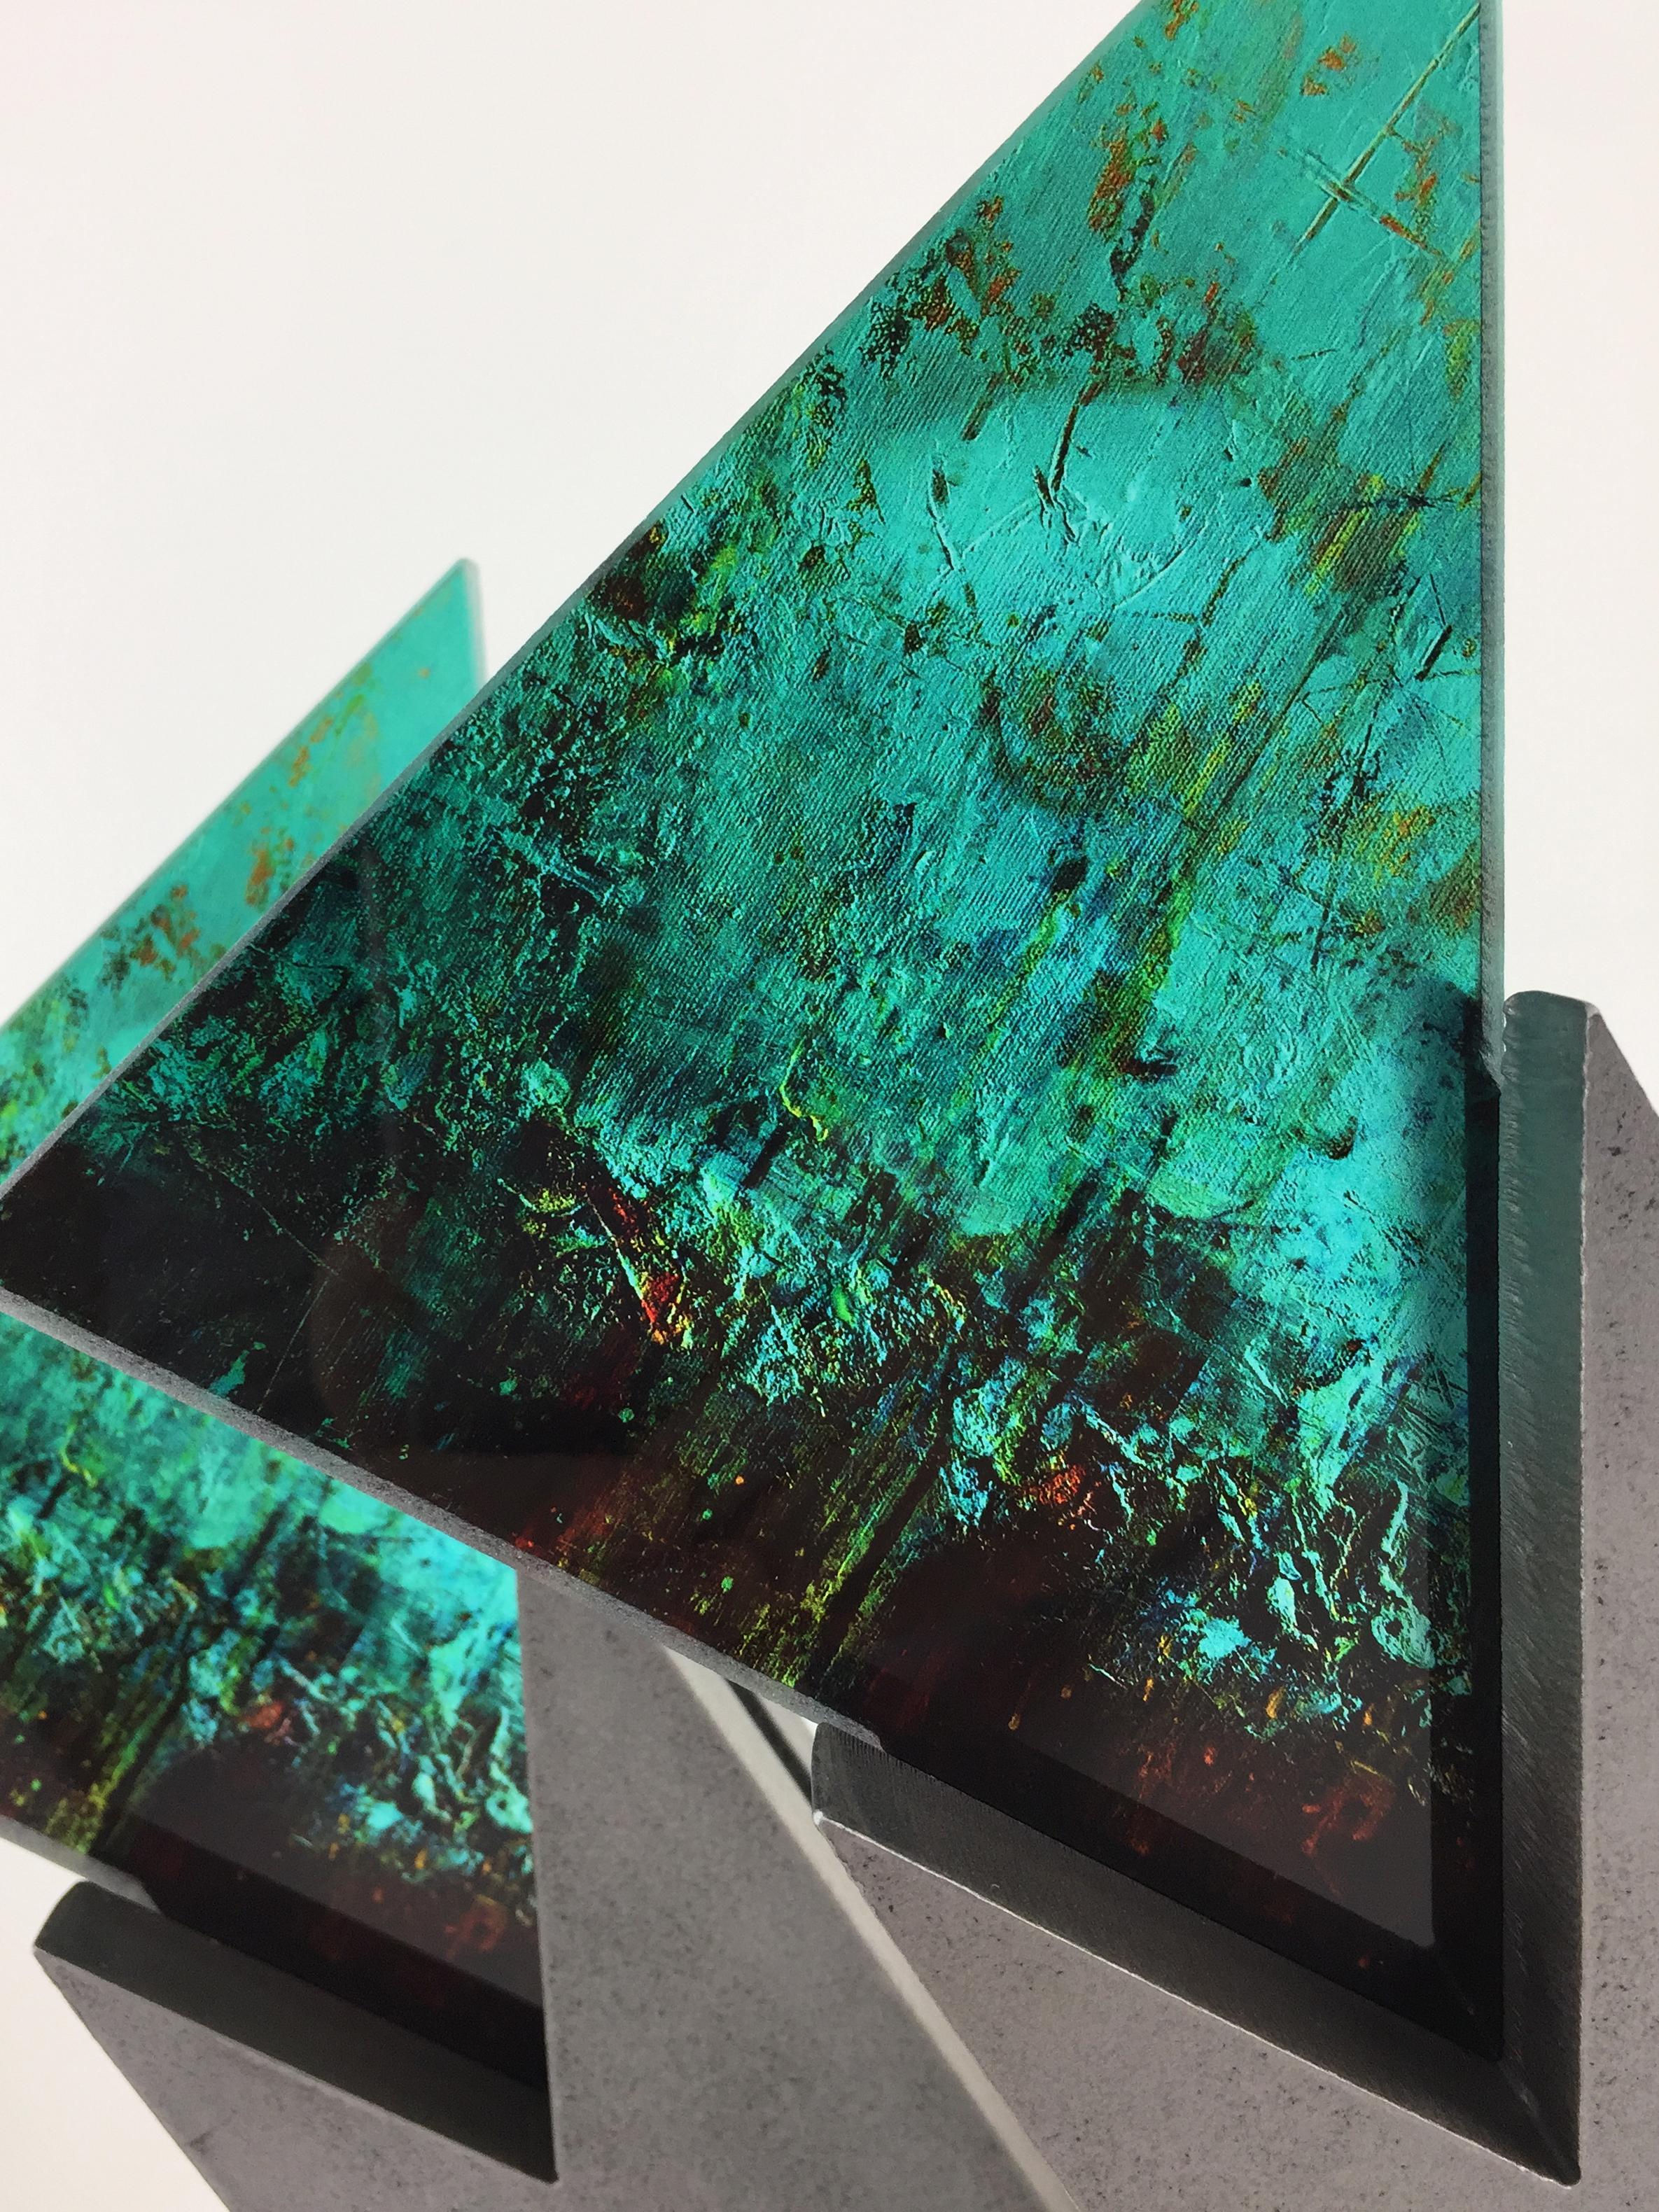 isagenix-rising-star-metal-glass-art-trophy-awards-sculpture-02.jpg